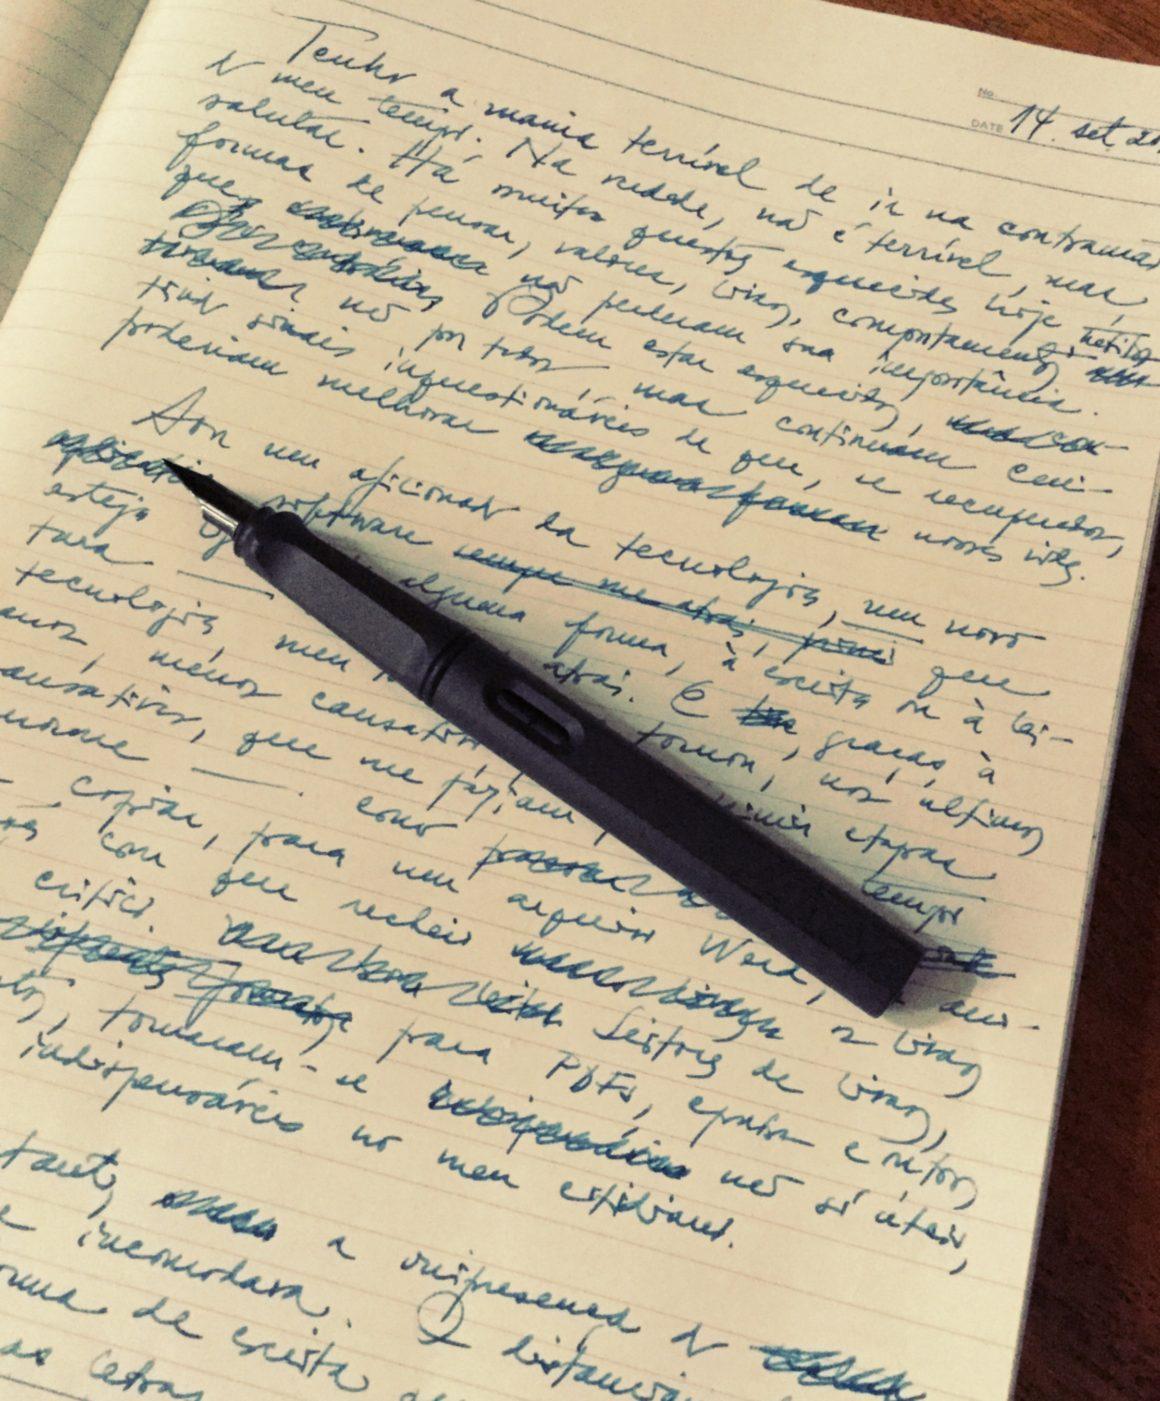 papel e caneta-tinteiro